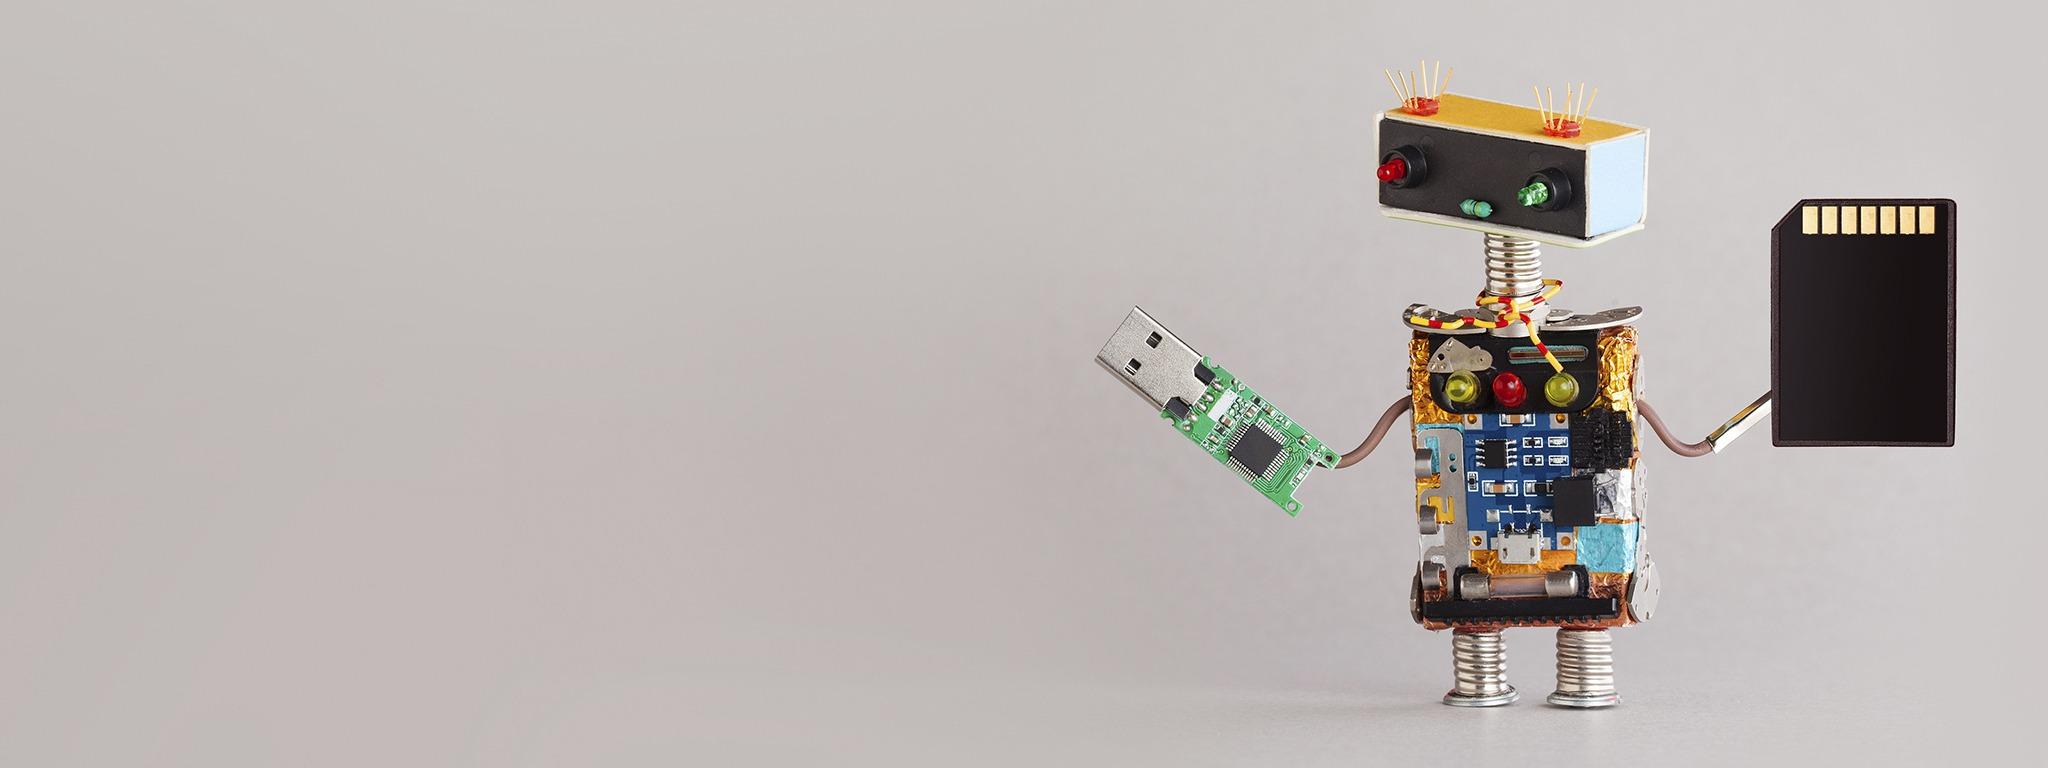 robot en miniatura sosteniendo una unidad Flash USB y una tarjeta de memoria SD